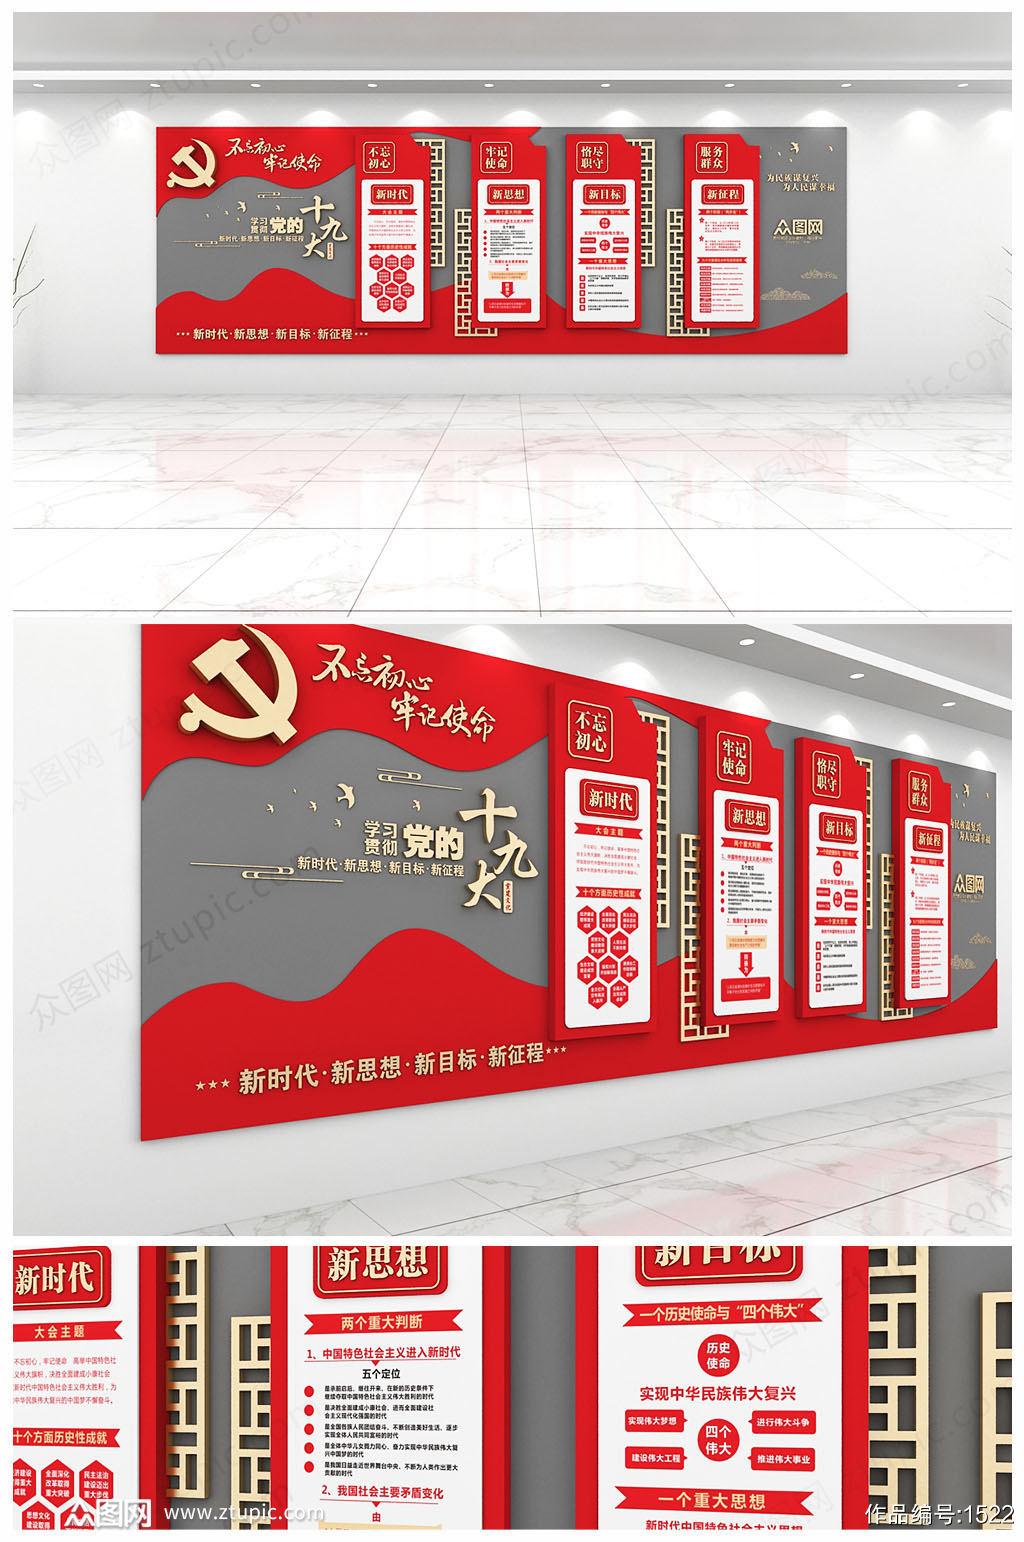 红色中式党的十九大文精神宣传文化墙设计素材